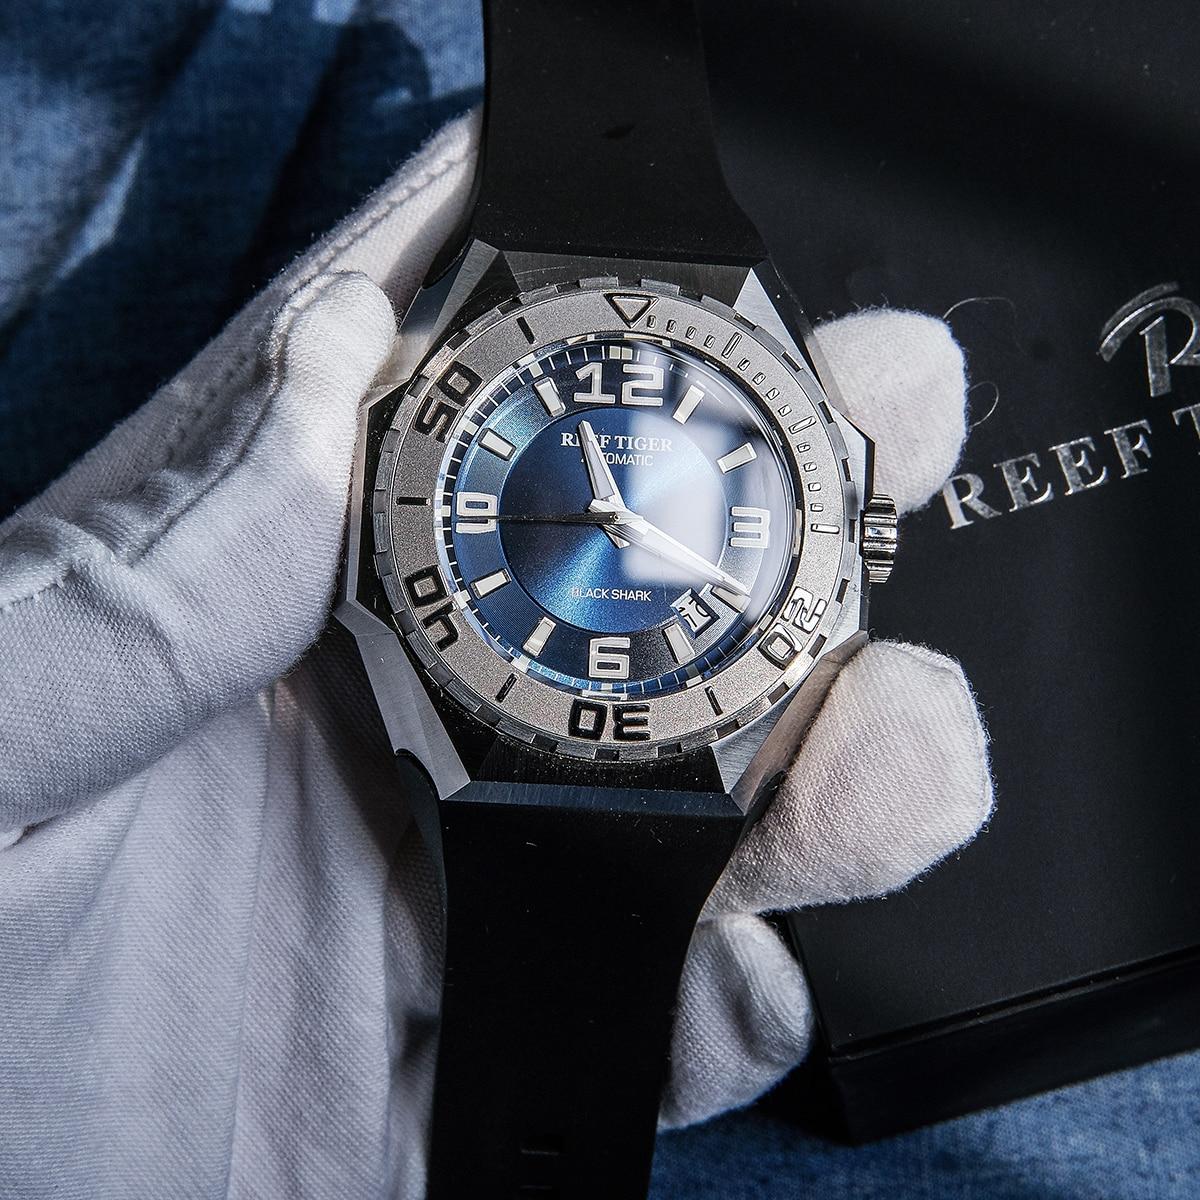 Reef Tiger/RT relojes deportivos de marca líder para hombre, caja de acero automática mecánica, resistente al agua, relojes de buceo, reloj Masculino RGA6903